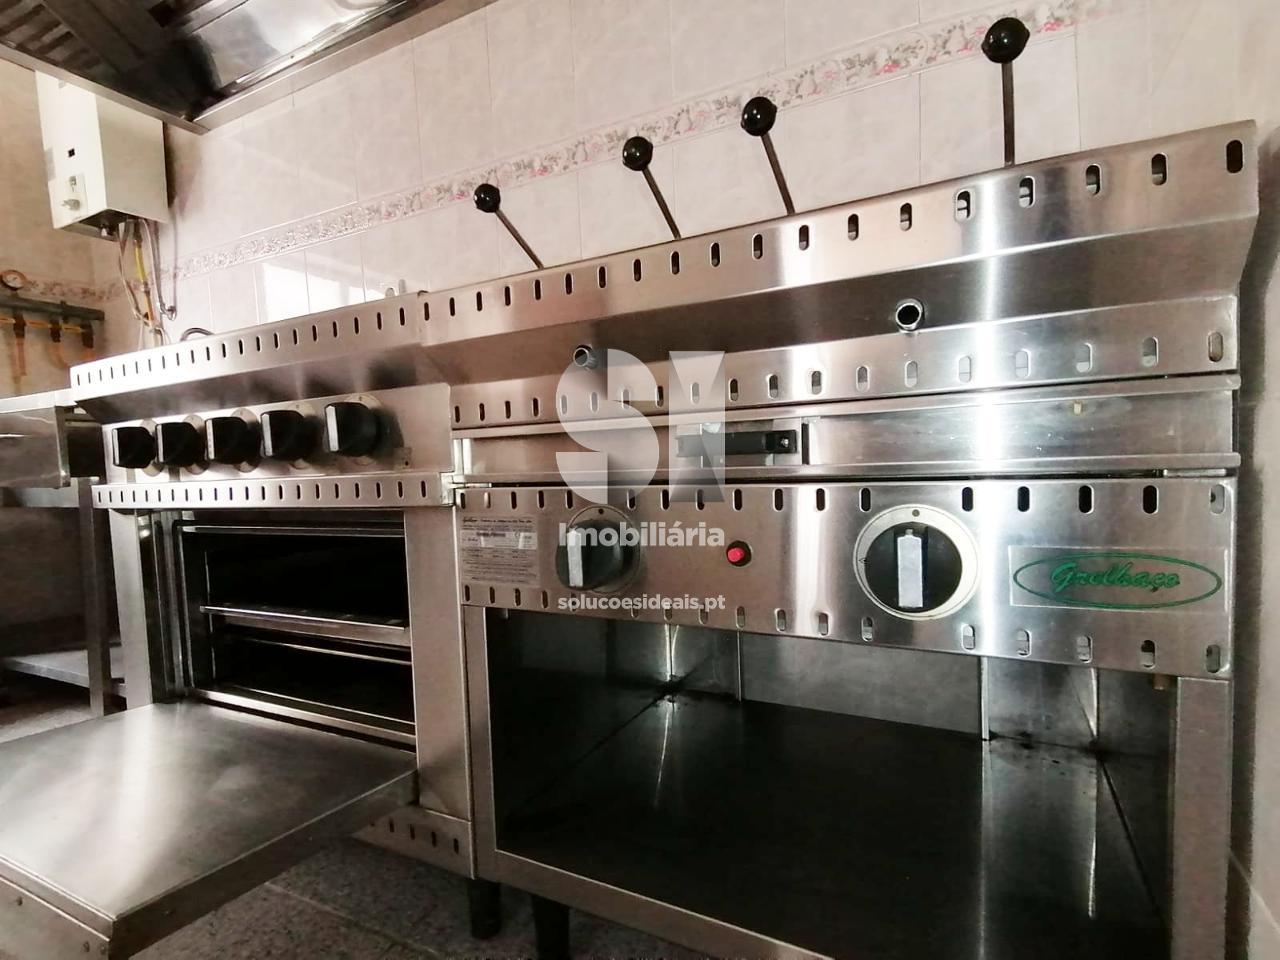 restaurante para compra em torres novas uniao das freguesias de torres novas sao pedro lapas e ribeira branca TNVVD45